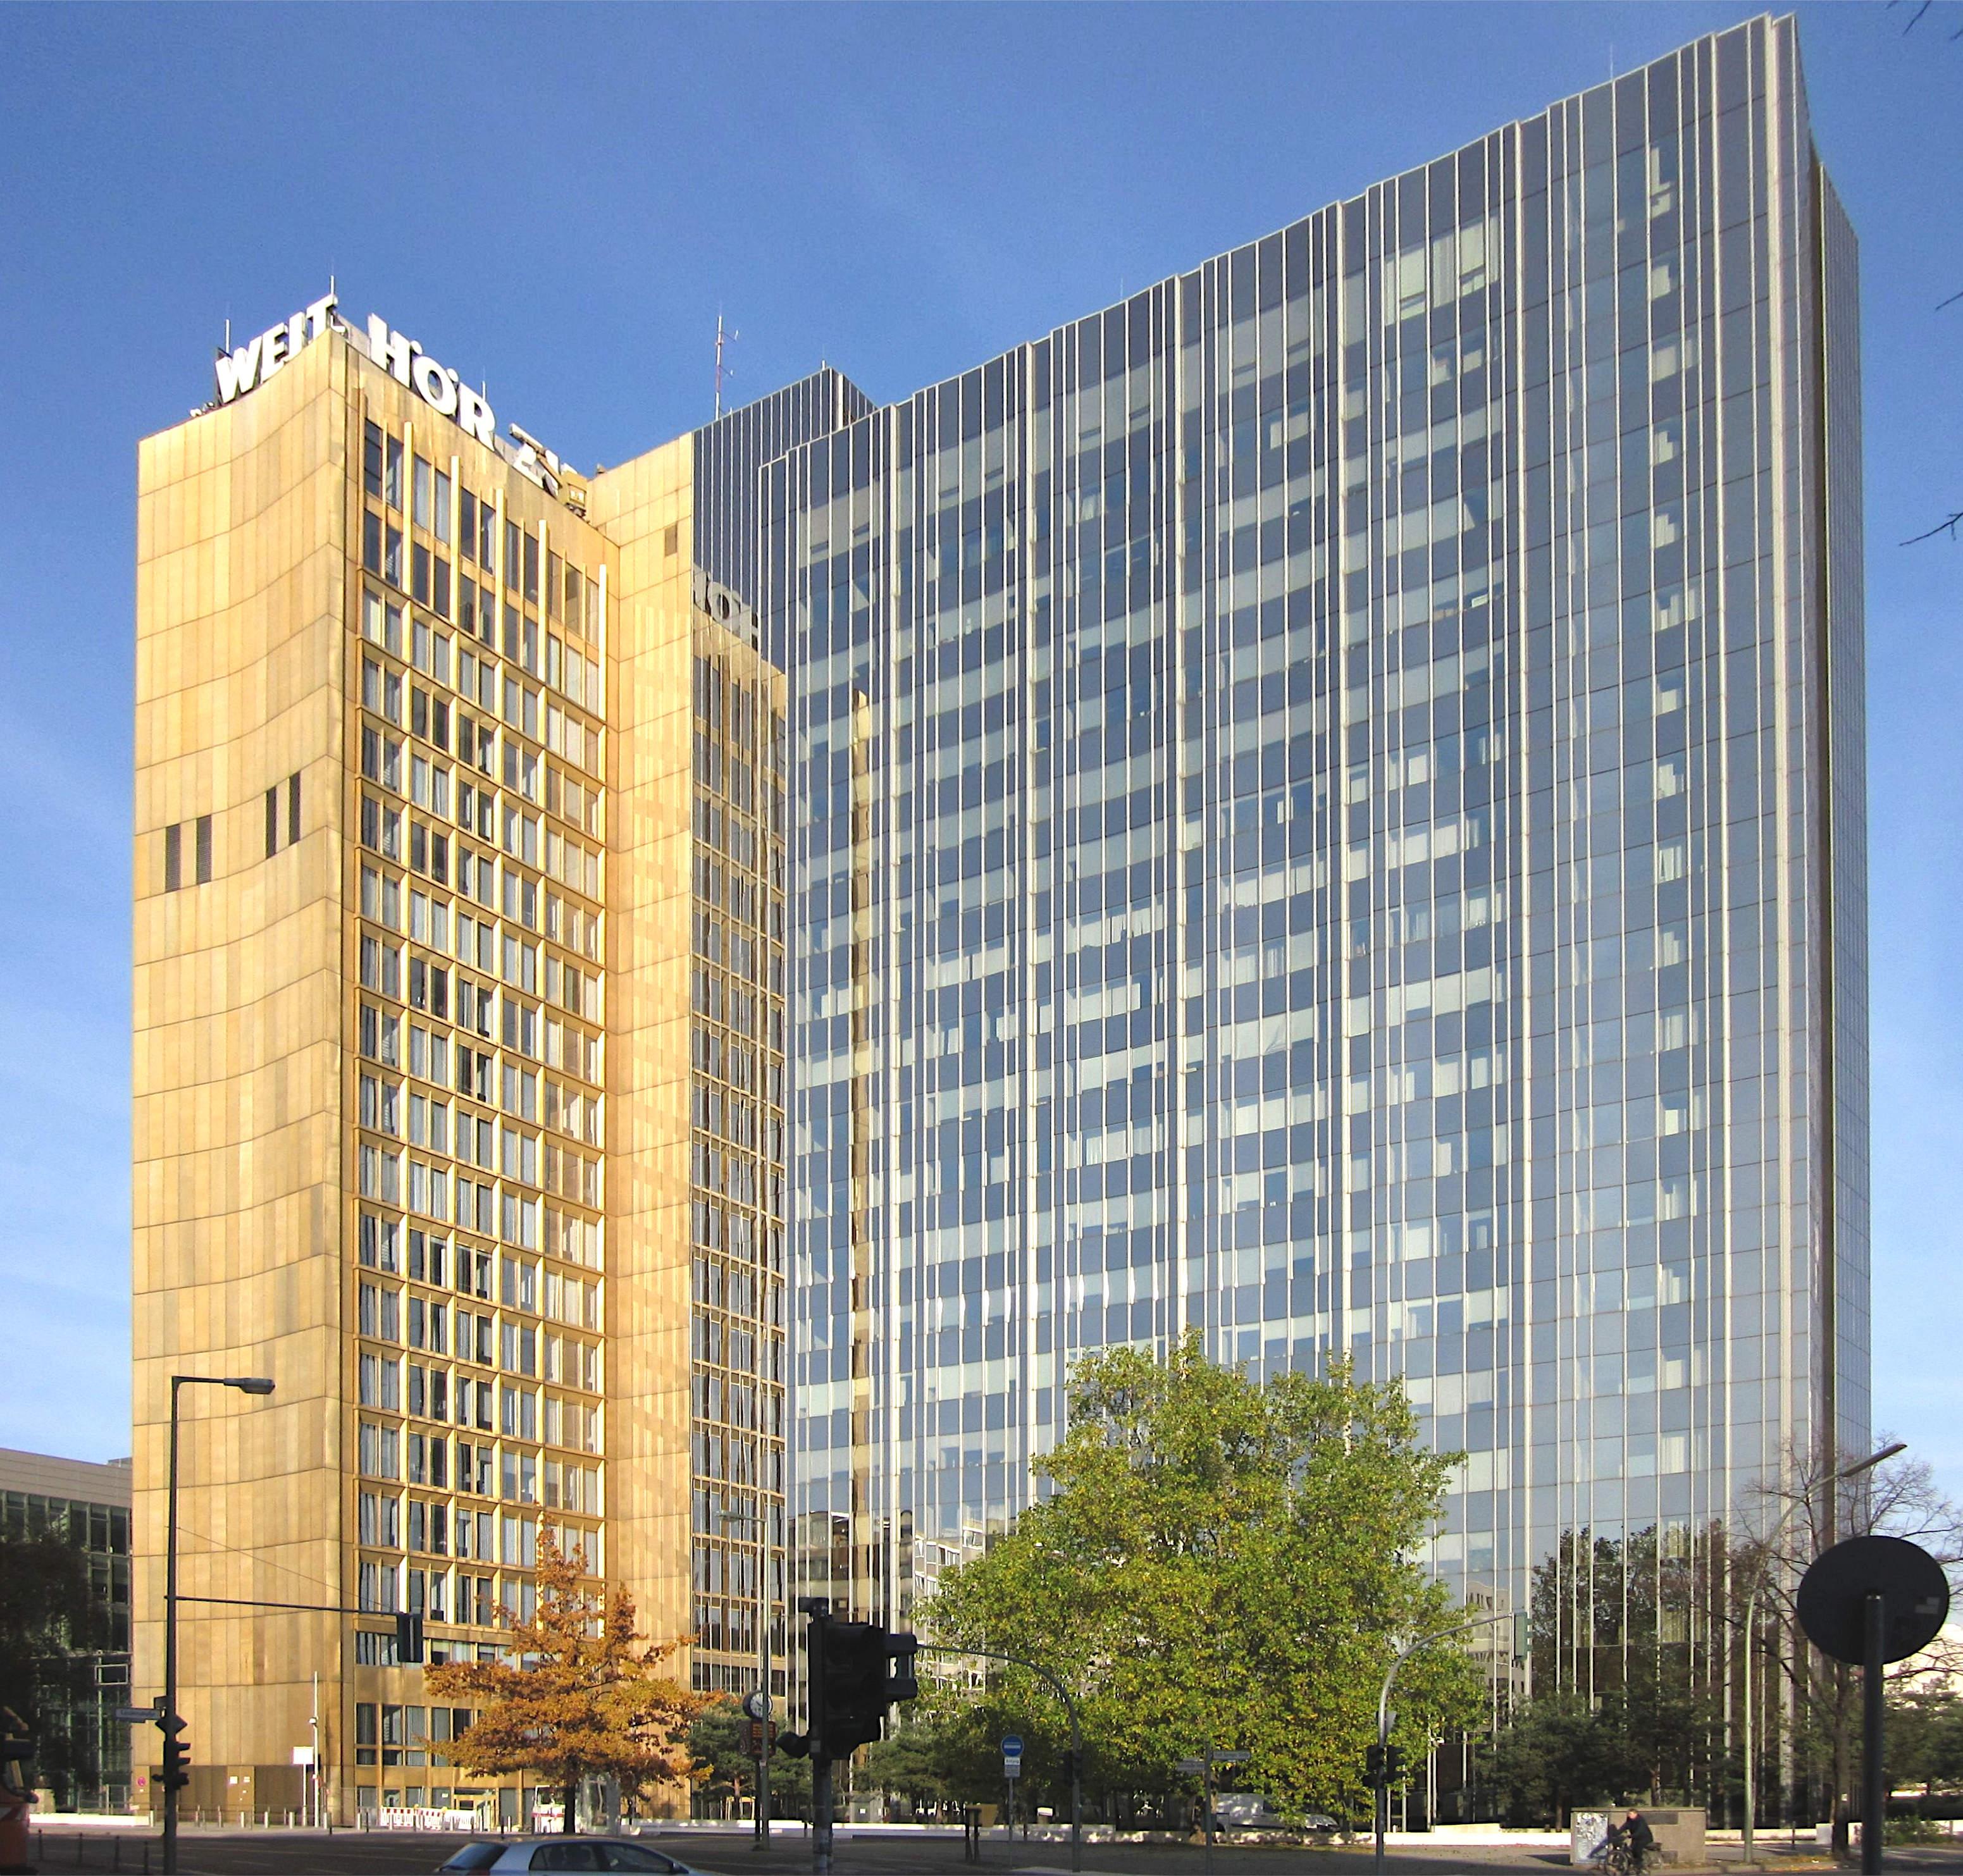 Das Axel-Springer-Hochhaus: Hauptsitz der Axel Springer SE in Kreuzberg